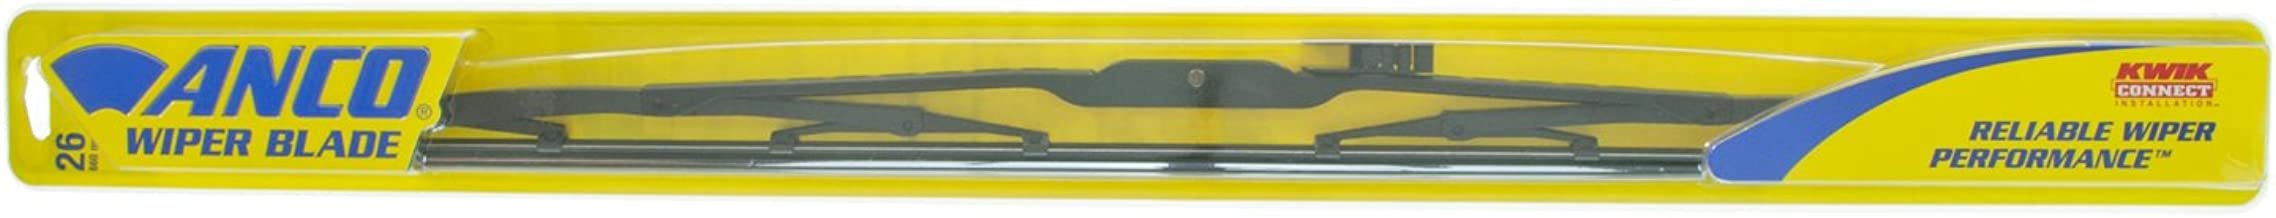 ANCO 31-Series 31-26 Wiper Blade - 26